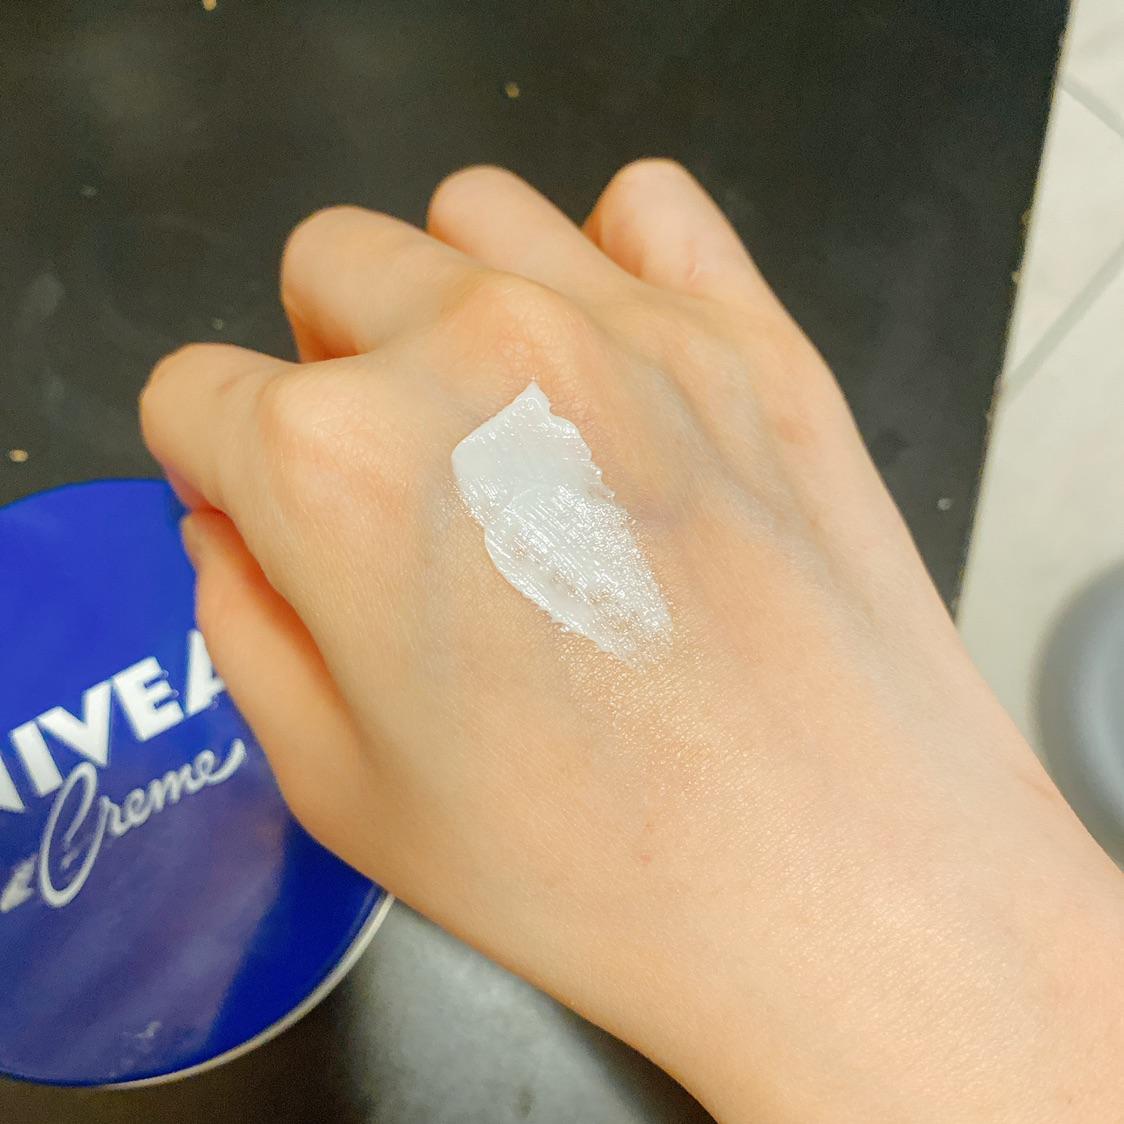 一生中只用一种护肤品是什么体验